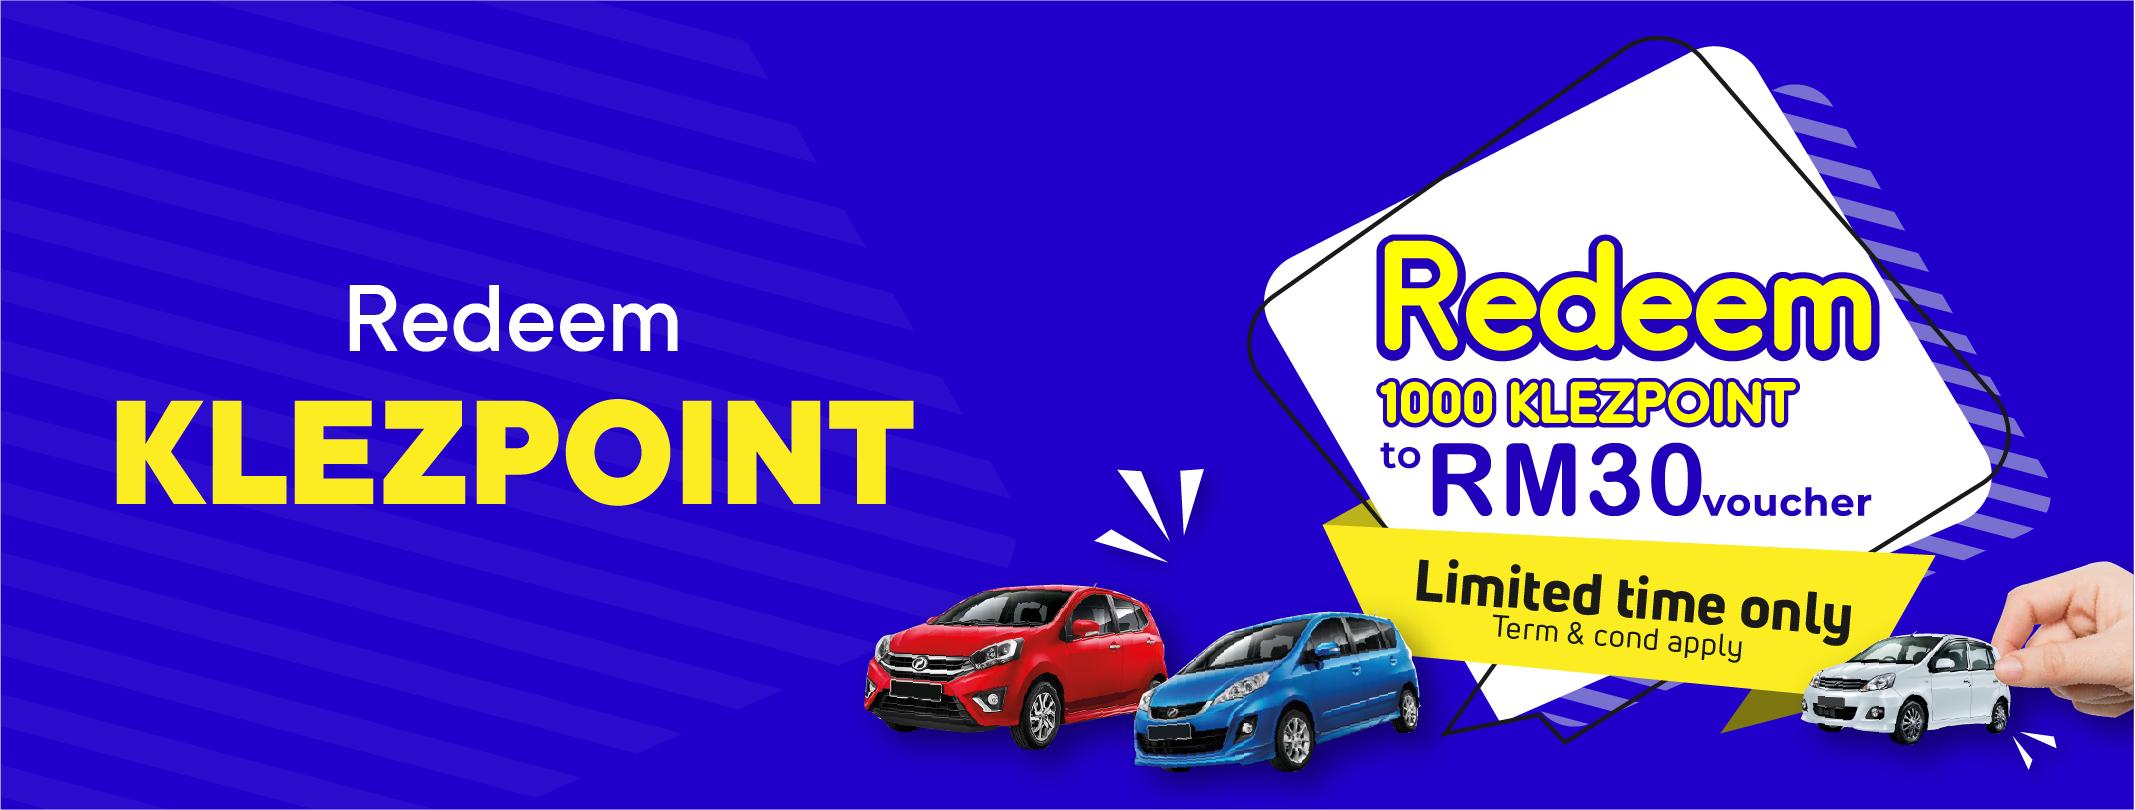 Redeem 1,000 KLezpoint to RM30.00 voucher